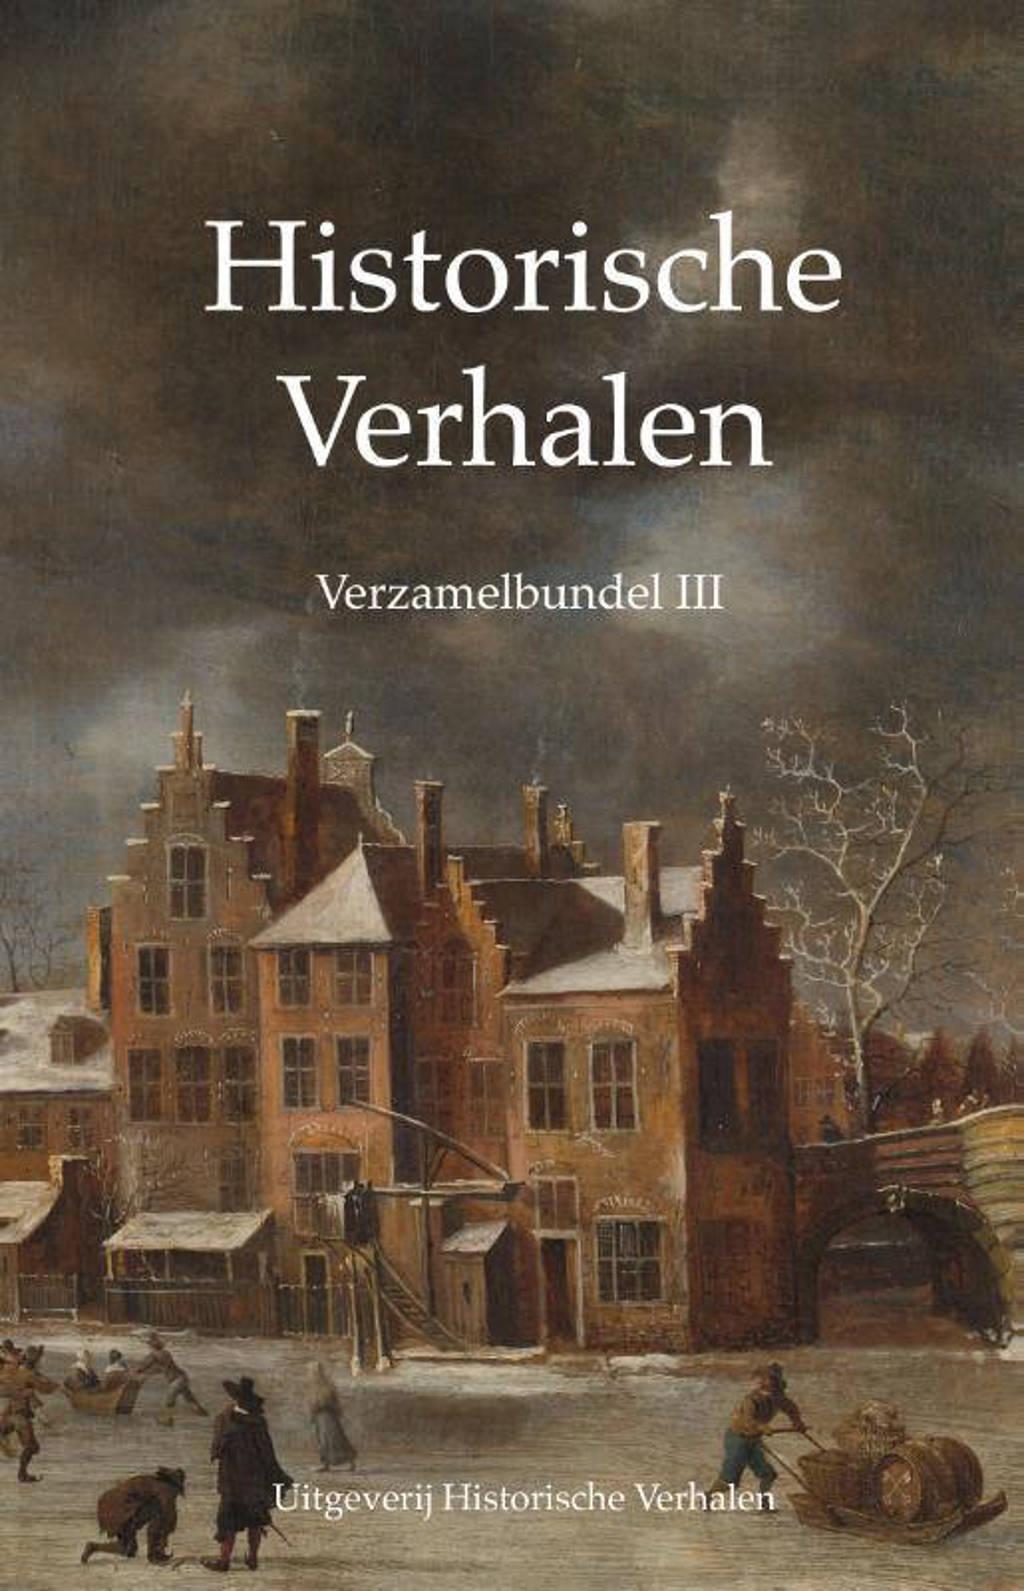 Historische Verhalen